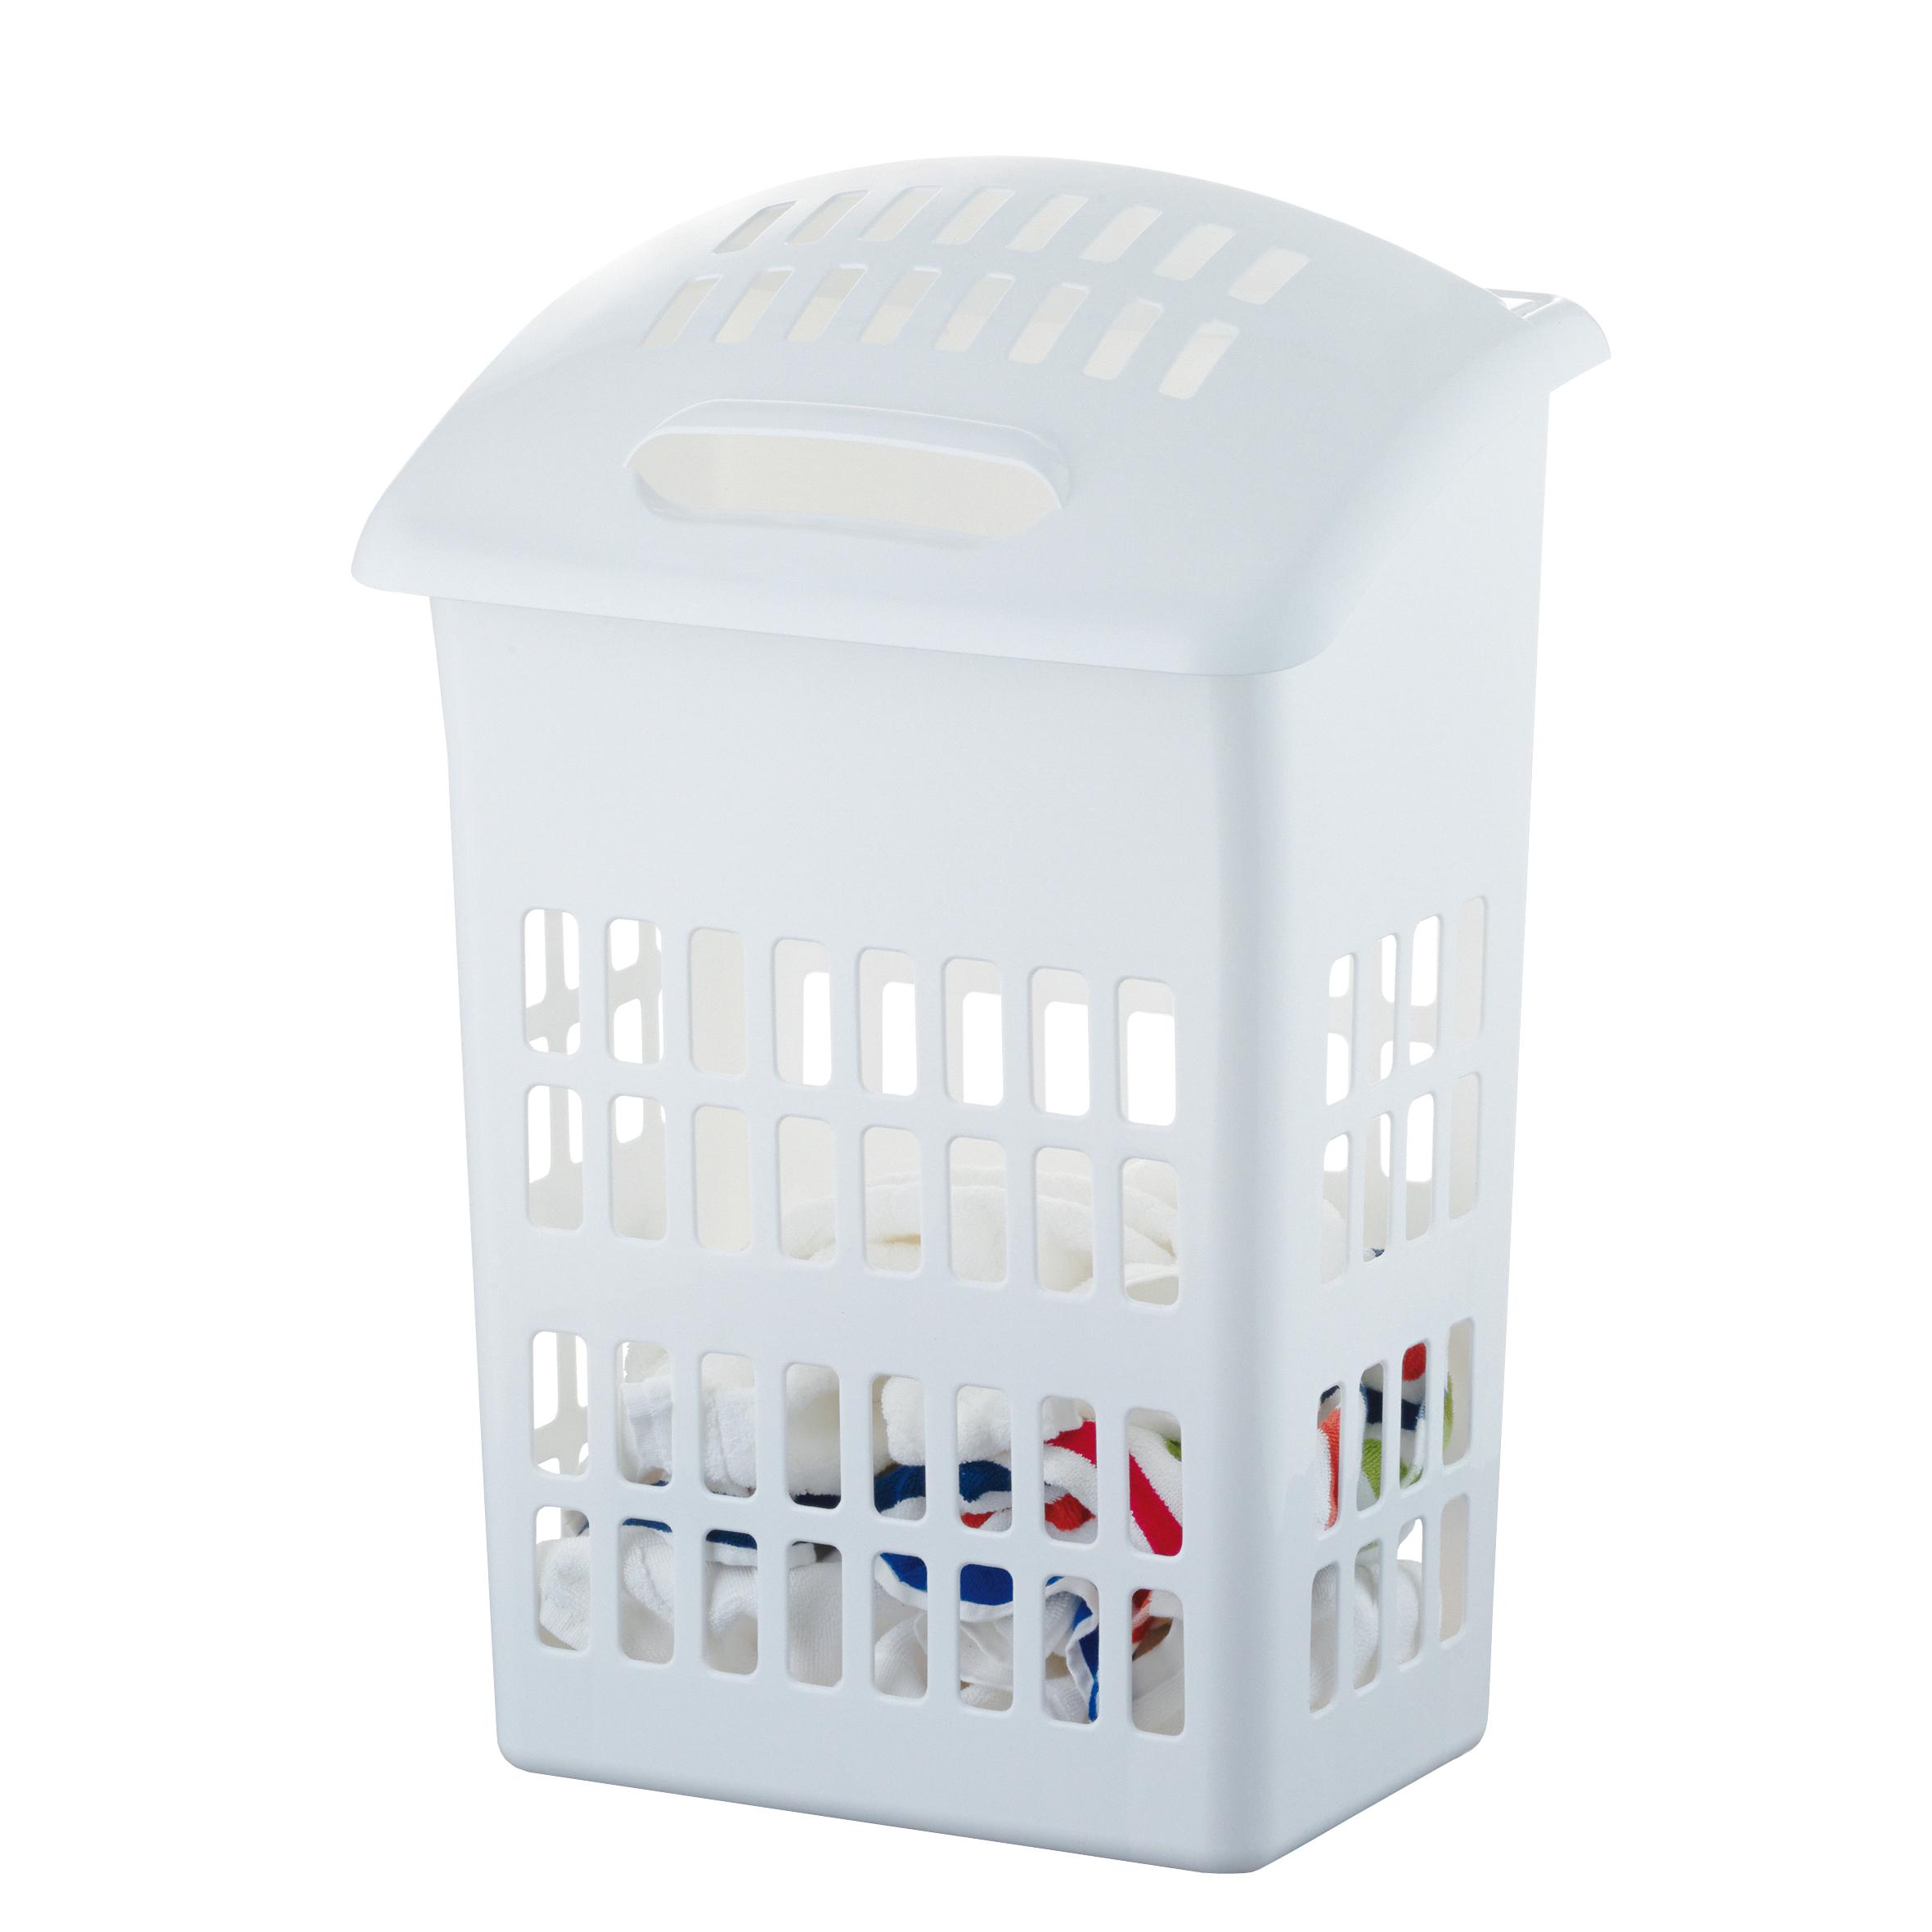 Корзина для белья Axentia, с крышкой, 44 х 31 х 67 см282771Корзина для белья Axentia изготовлена из высококачественного пластика. Имеет специальные отверстия, для того, чтобы ваше белье не сопрело. Подходит для хранения обуви или игрушек. Современный дизайн корзины украсит любой интерьер ванной комнаты. Размер корзины: 44 х 31 х 67 см.